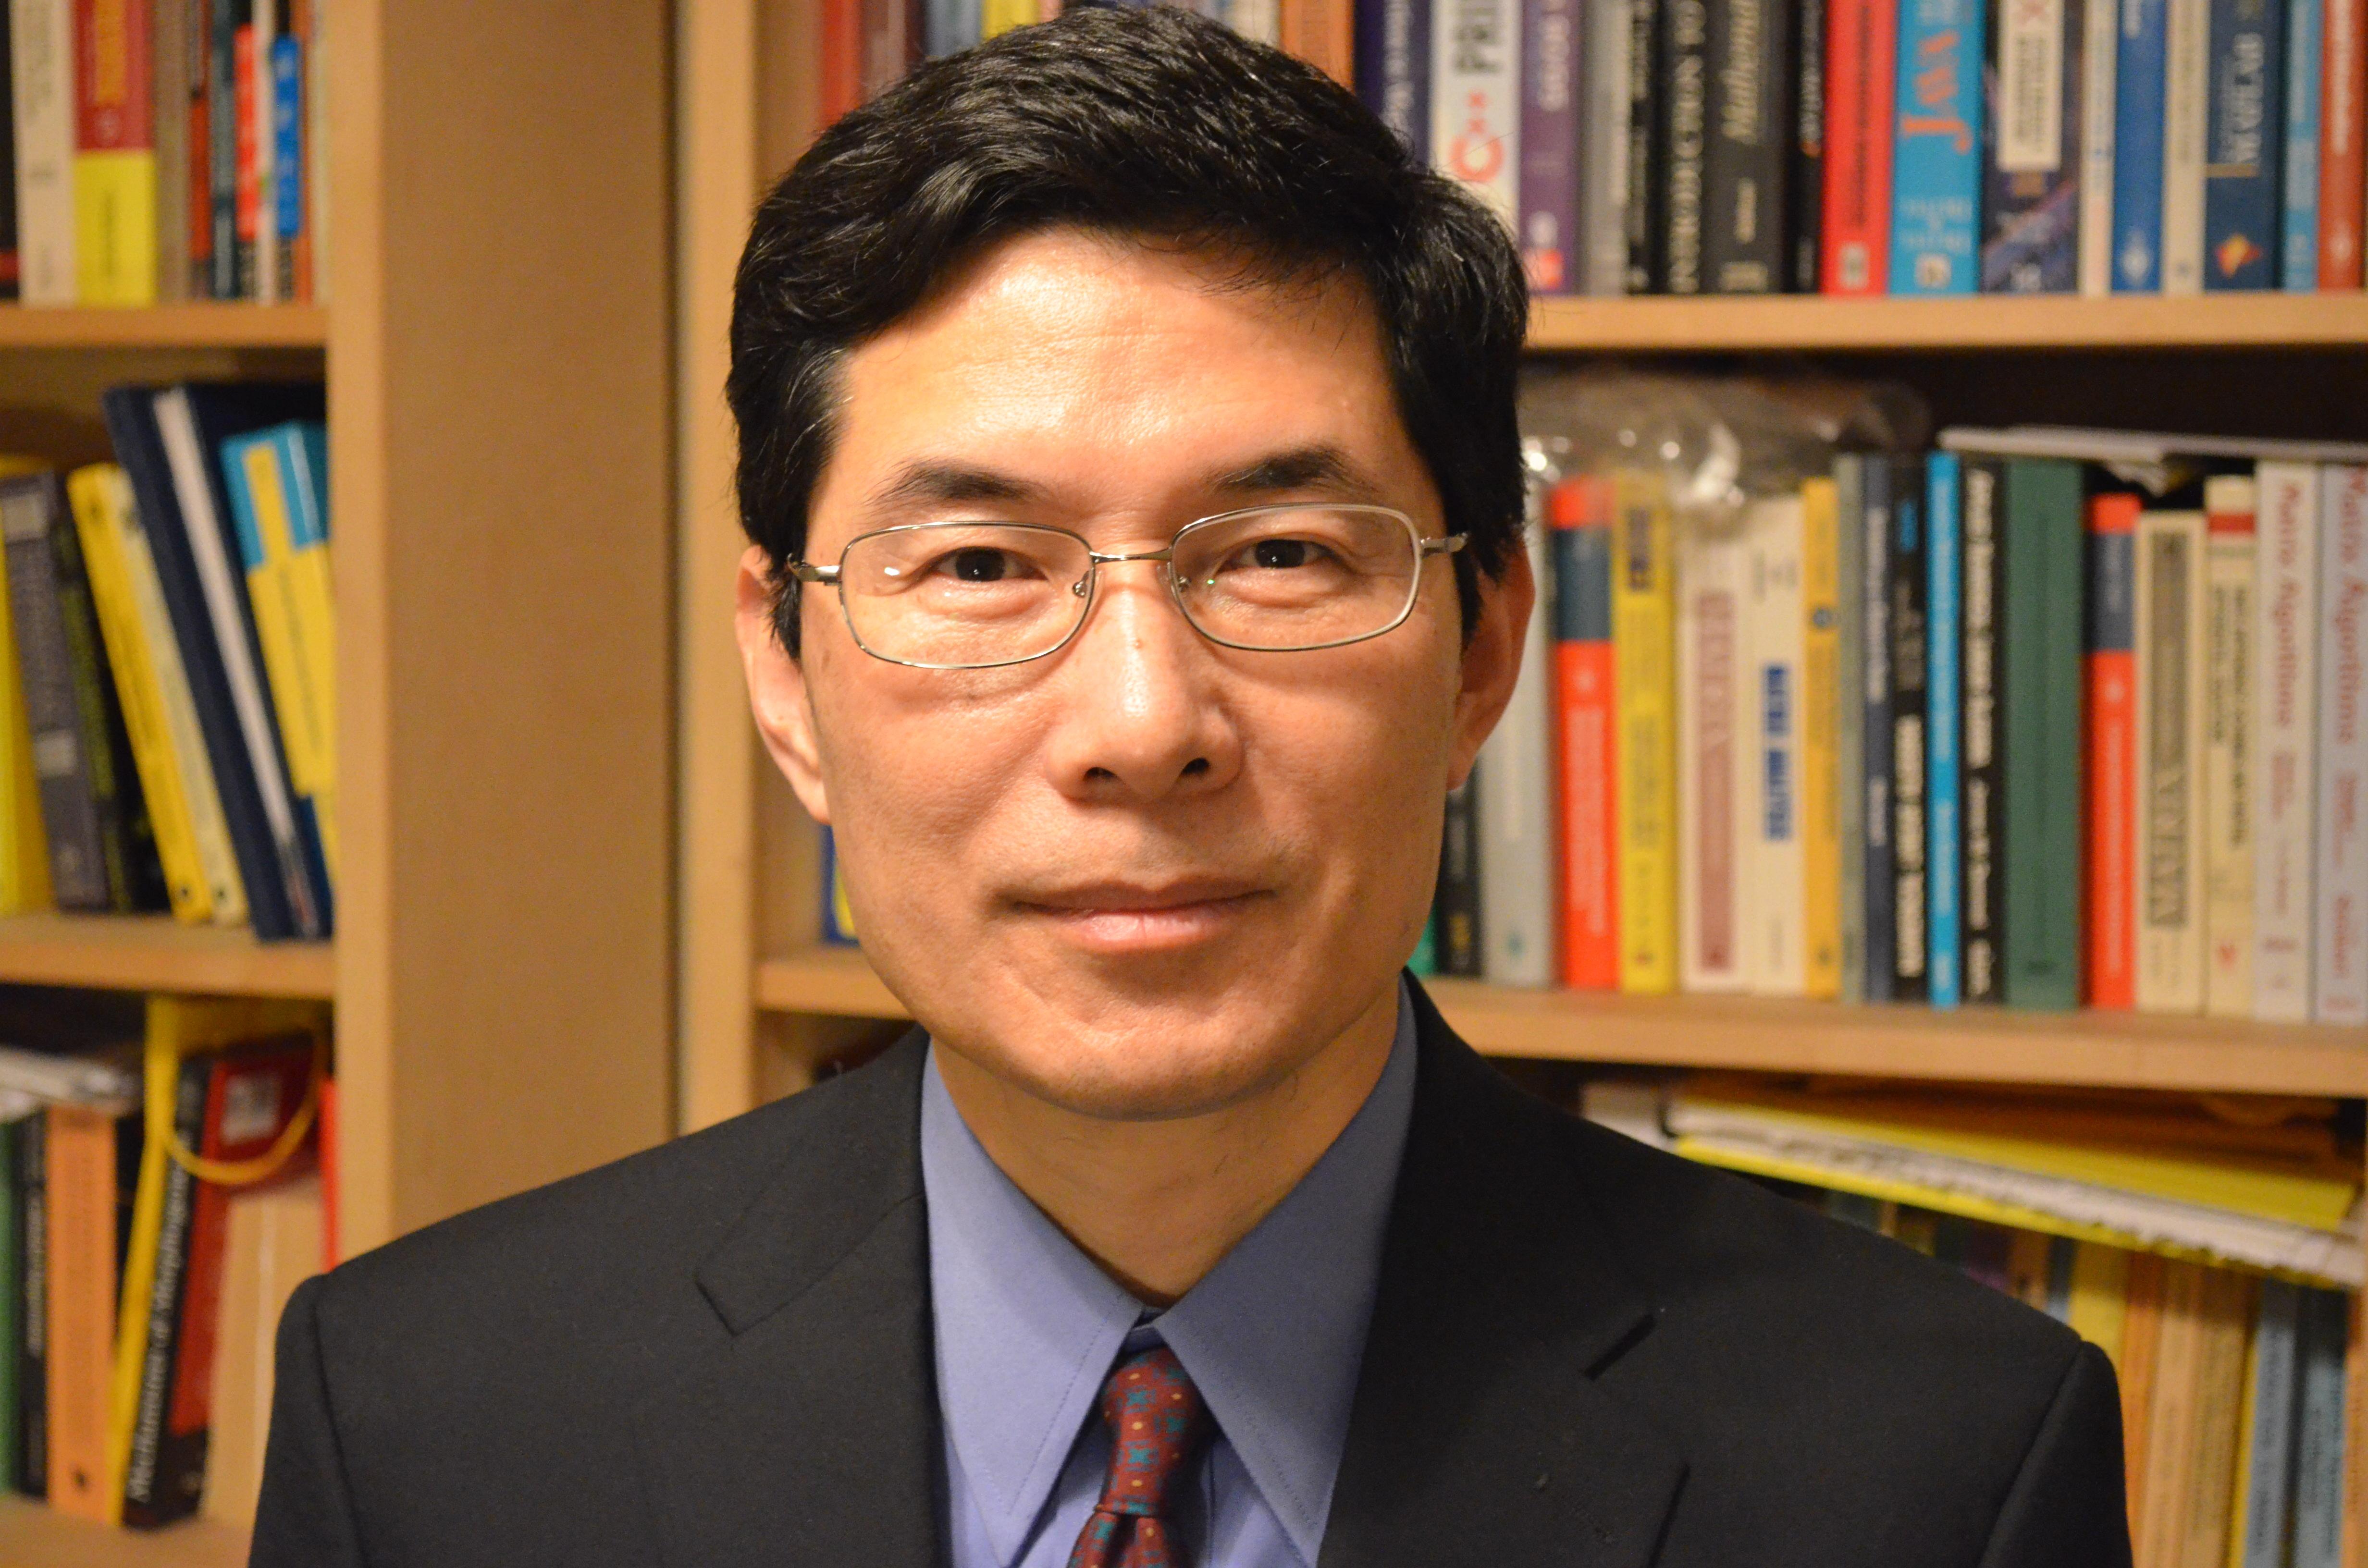 http://www.math.sc.edu/~qwang/2012-portrait.JPG